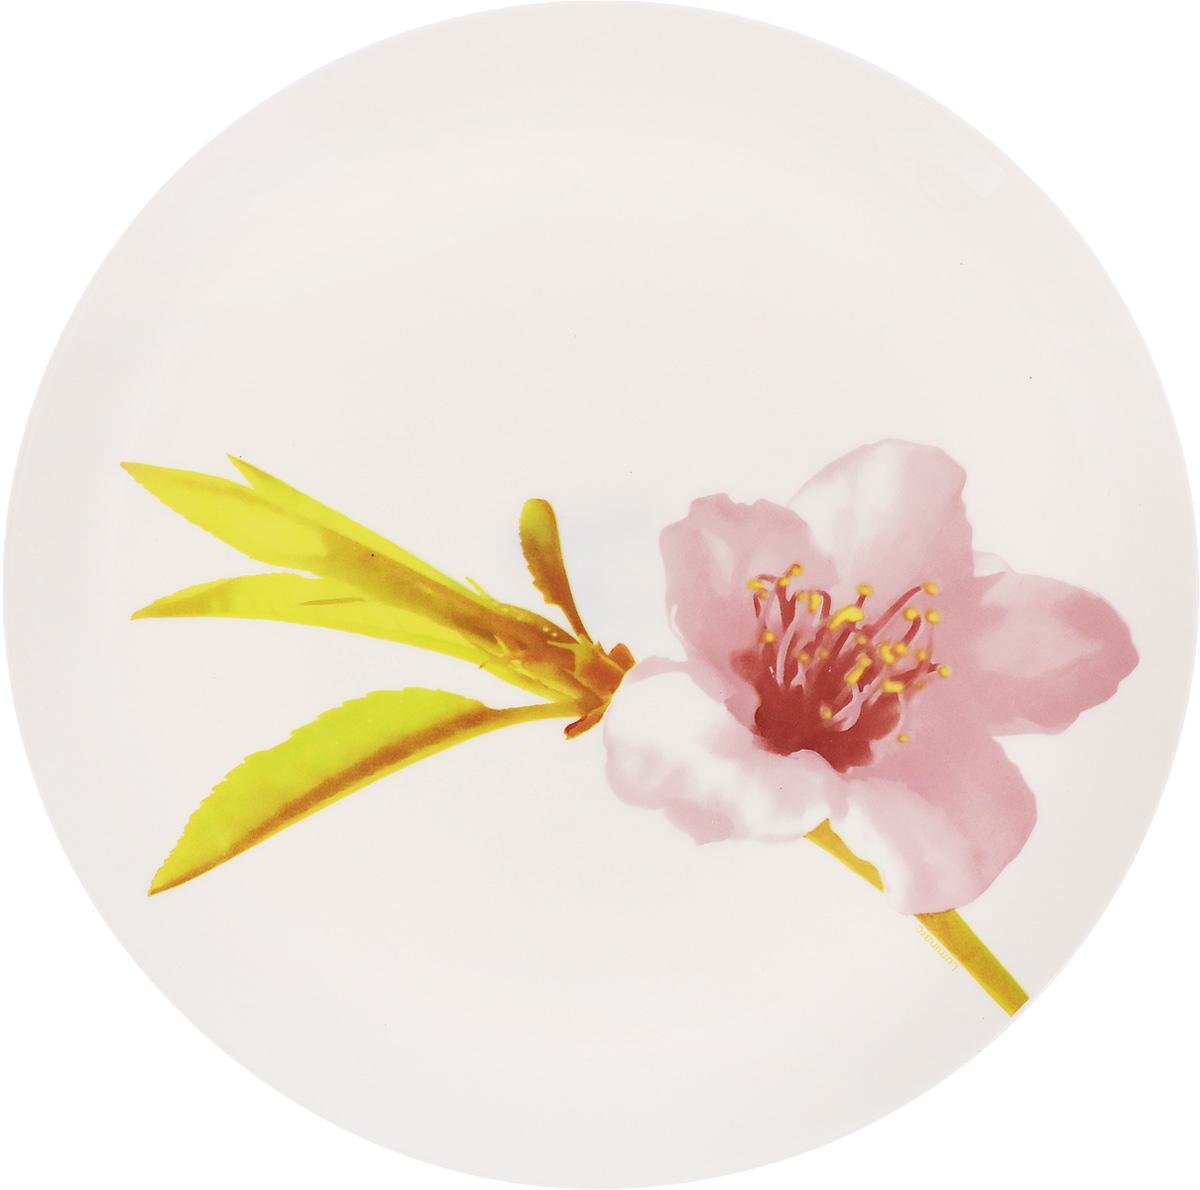 Тарелка Luminarc Water Color, диаметр 25 смJ4652Тарелка Luminarc Water Color, изготовленная из ударопрочного стекла, декорирована оригинальным изображением. Такая тарелка прекрасно подходит как для торжественных случаев, так и для повседневного использования. Идеальна для подачи десертов, пирожных, тортов и многого другого. Она прекрасно оформит стол и станет отличным дополнением к вашей коллекции кухонной посуды. Диаметр тарелки (по верхнему краю): 25 см. Высота тарелки: 2 см.